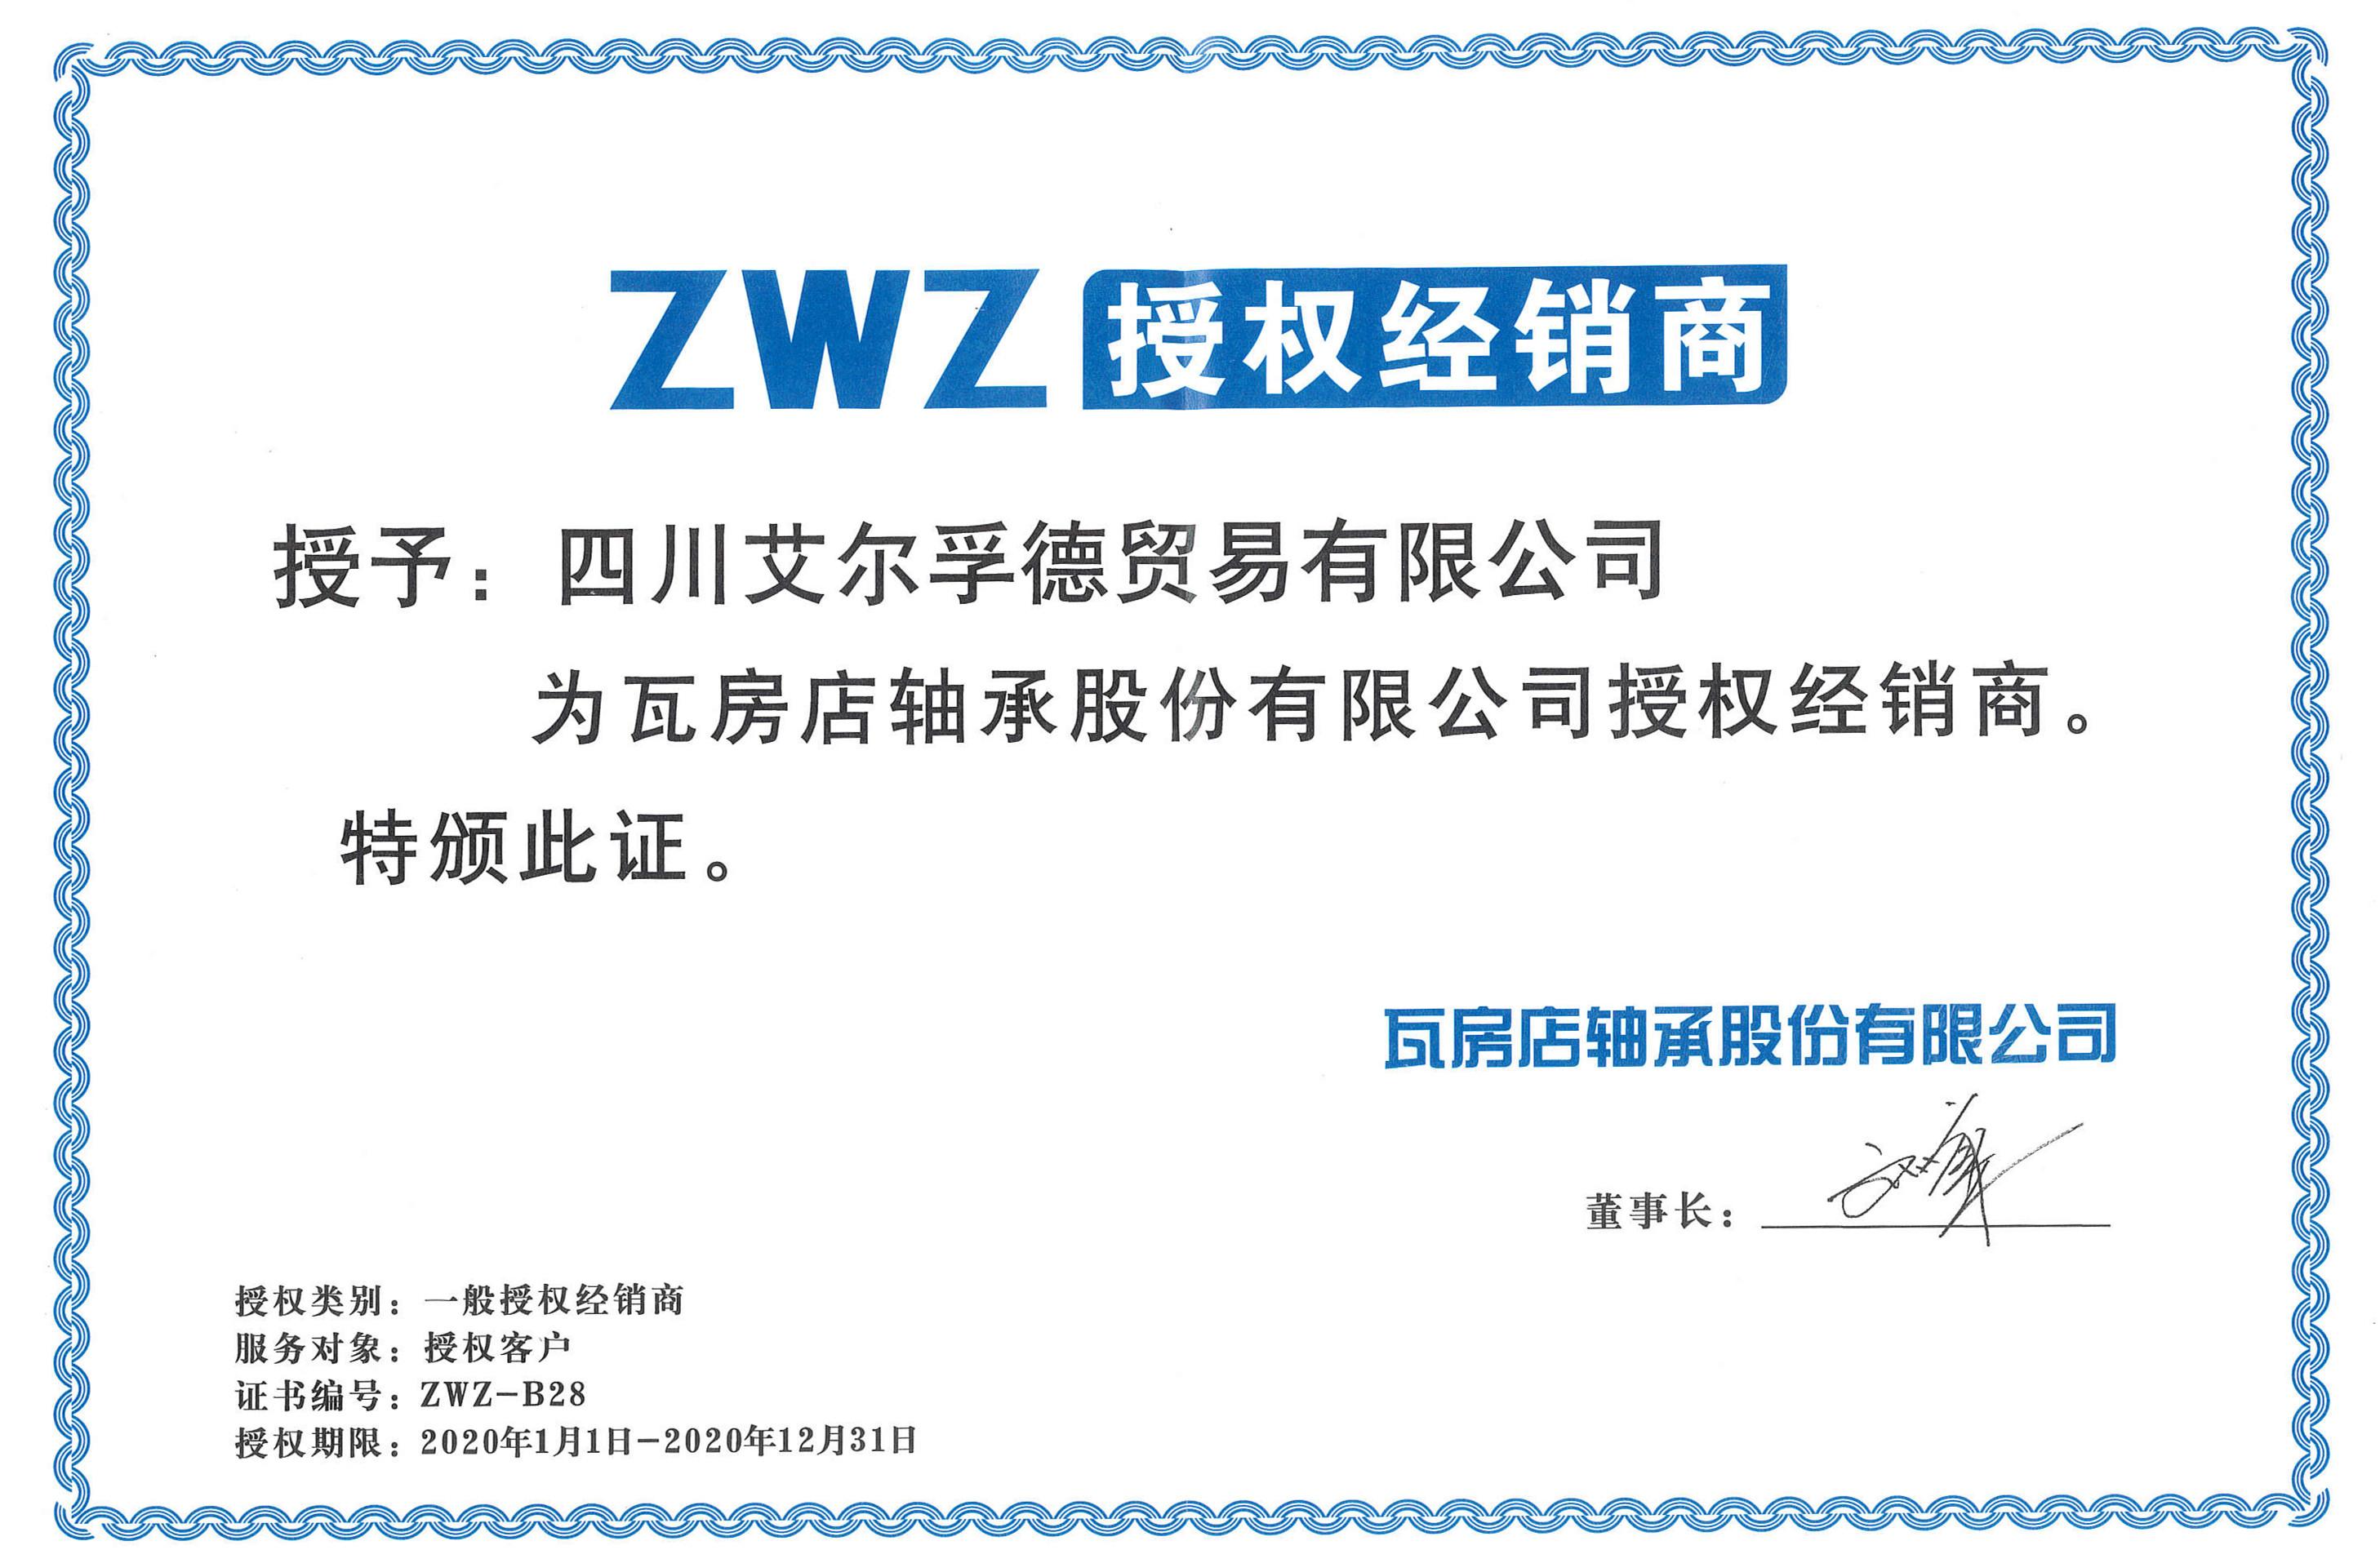 2020年ZWZ授权证书